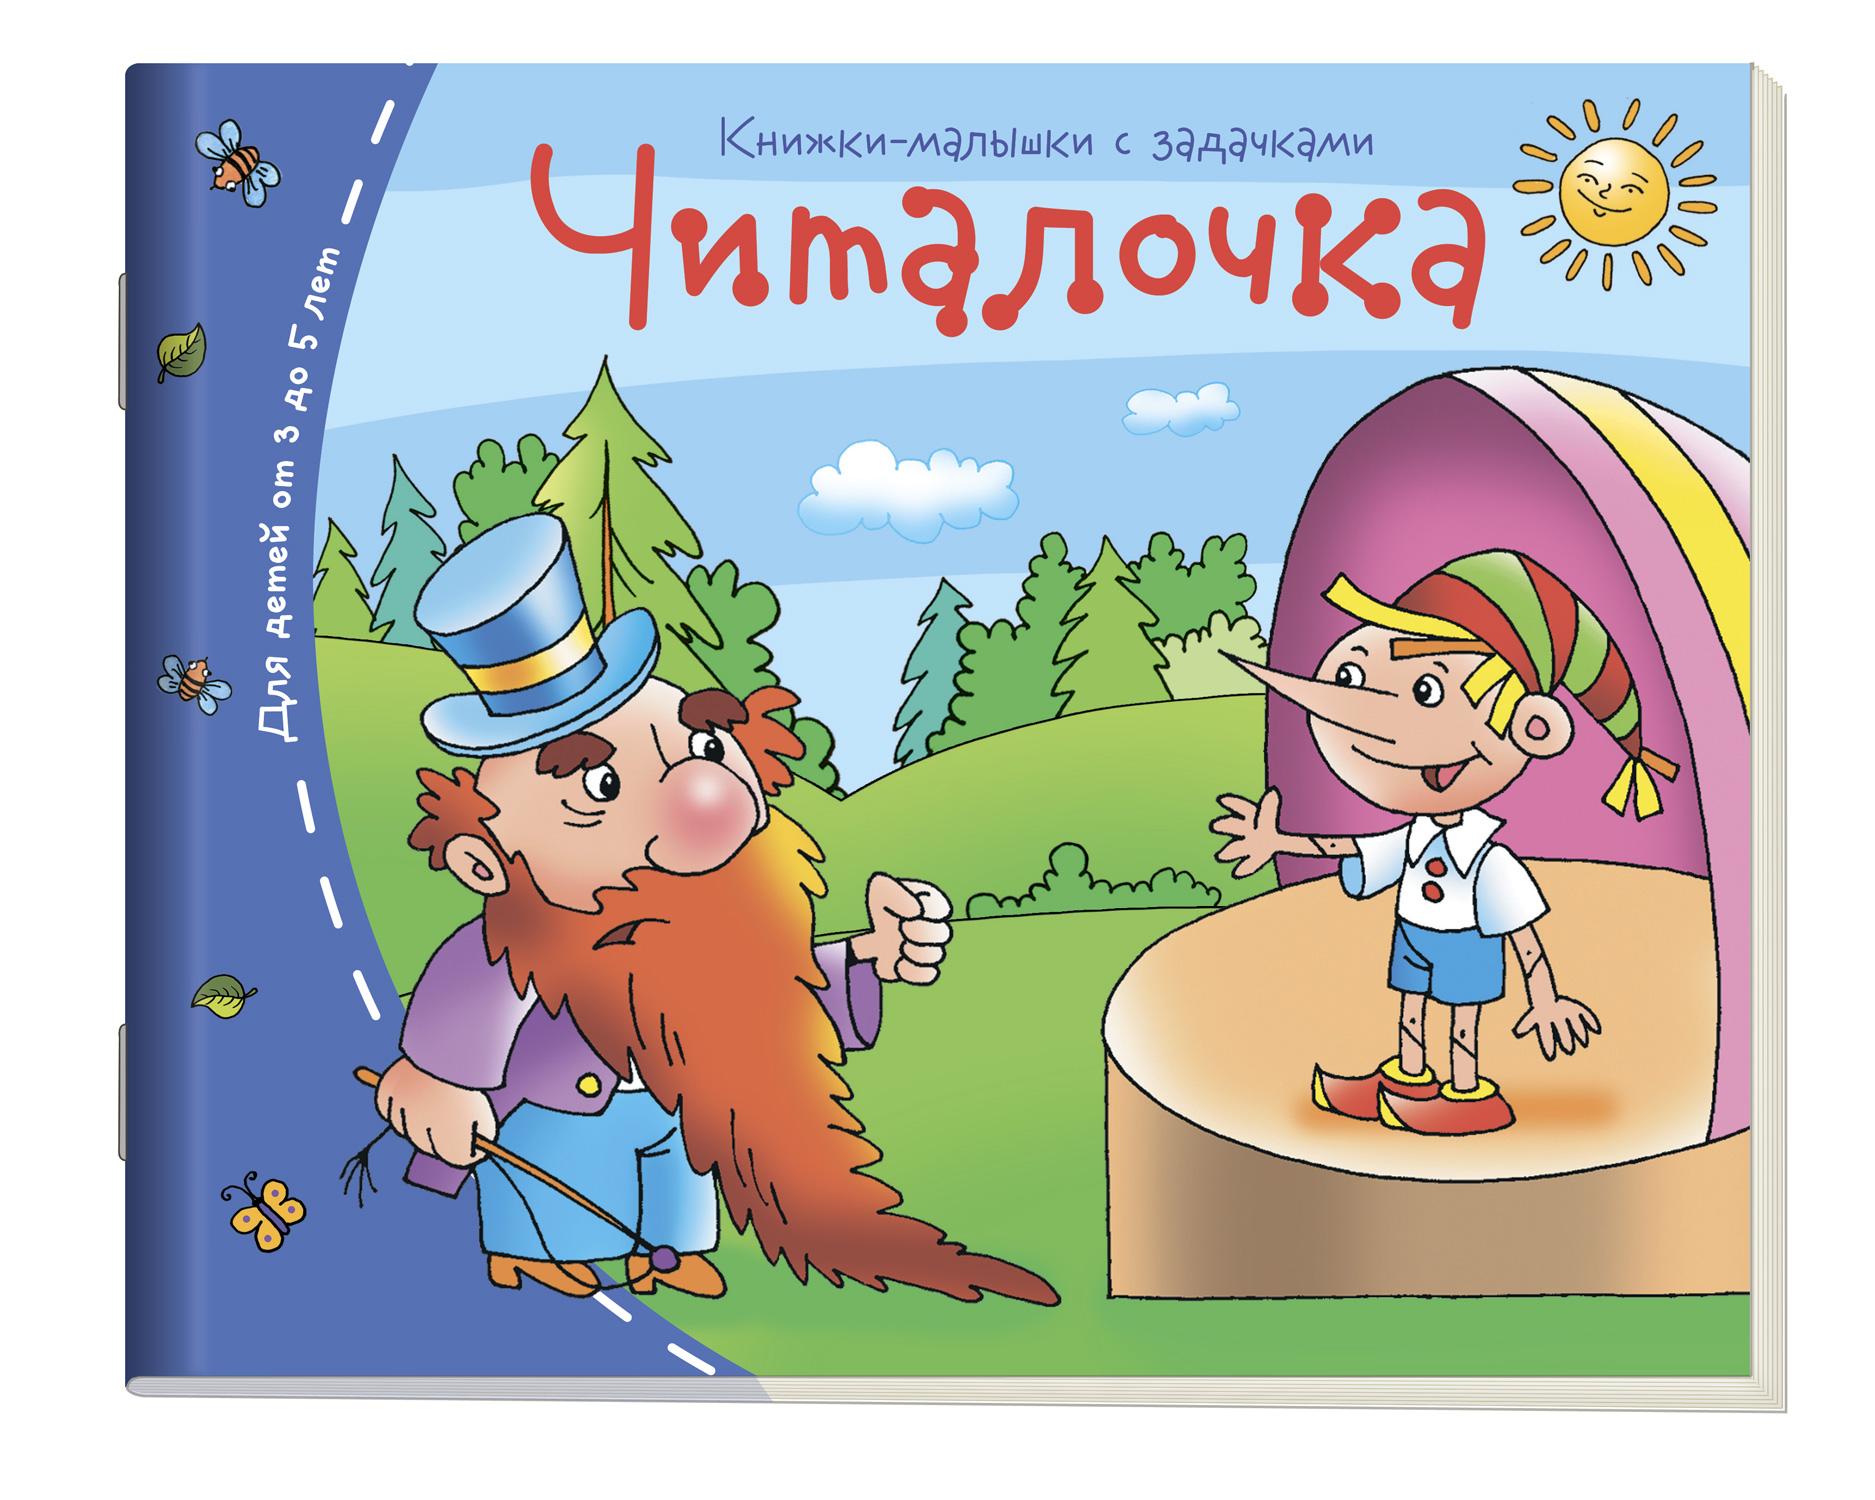 Читалочка: Книжки-малышки с задачками: Для детей от 3 до 5 лет